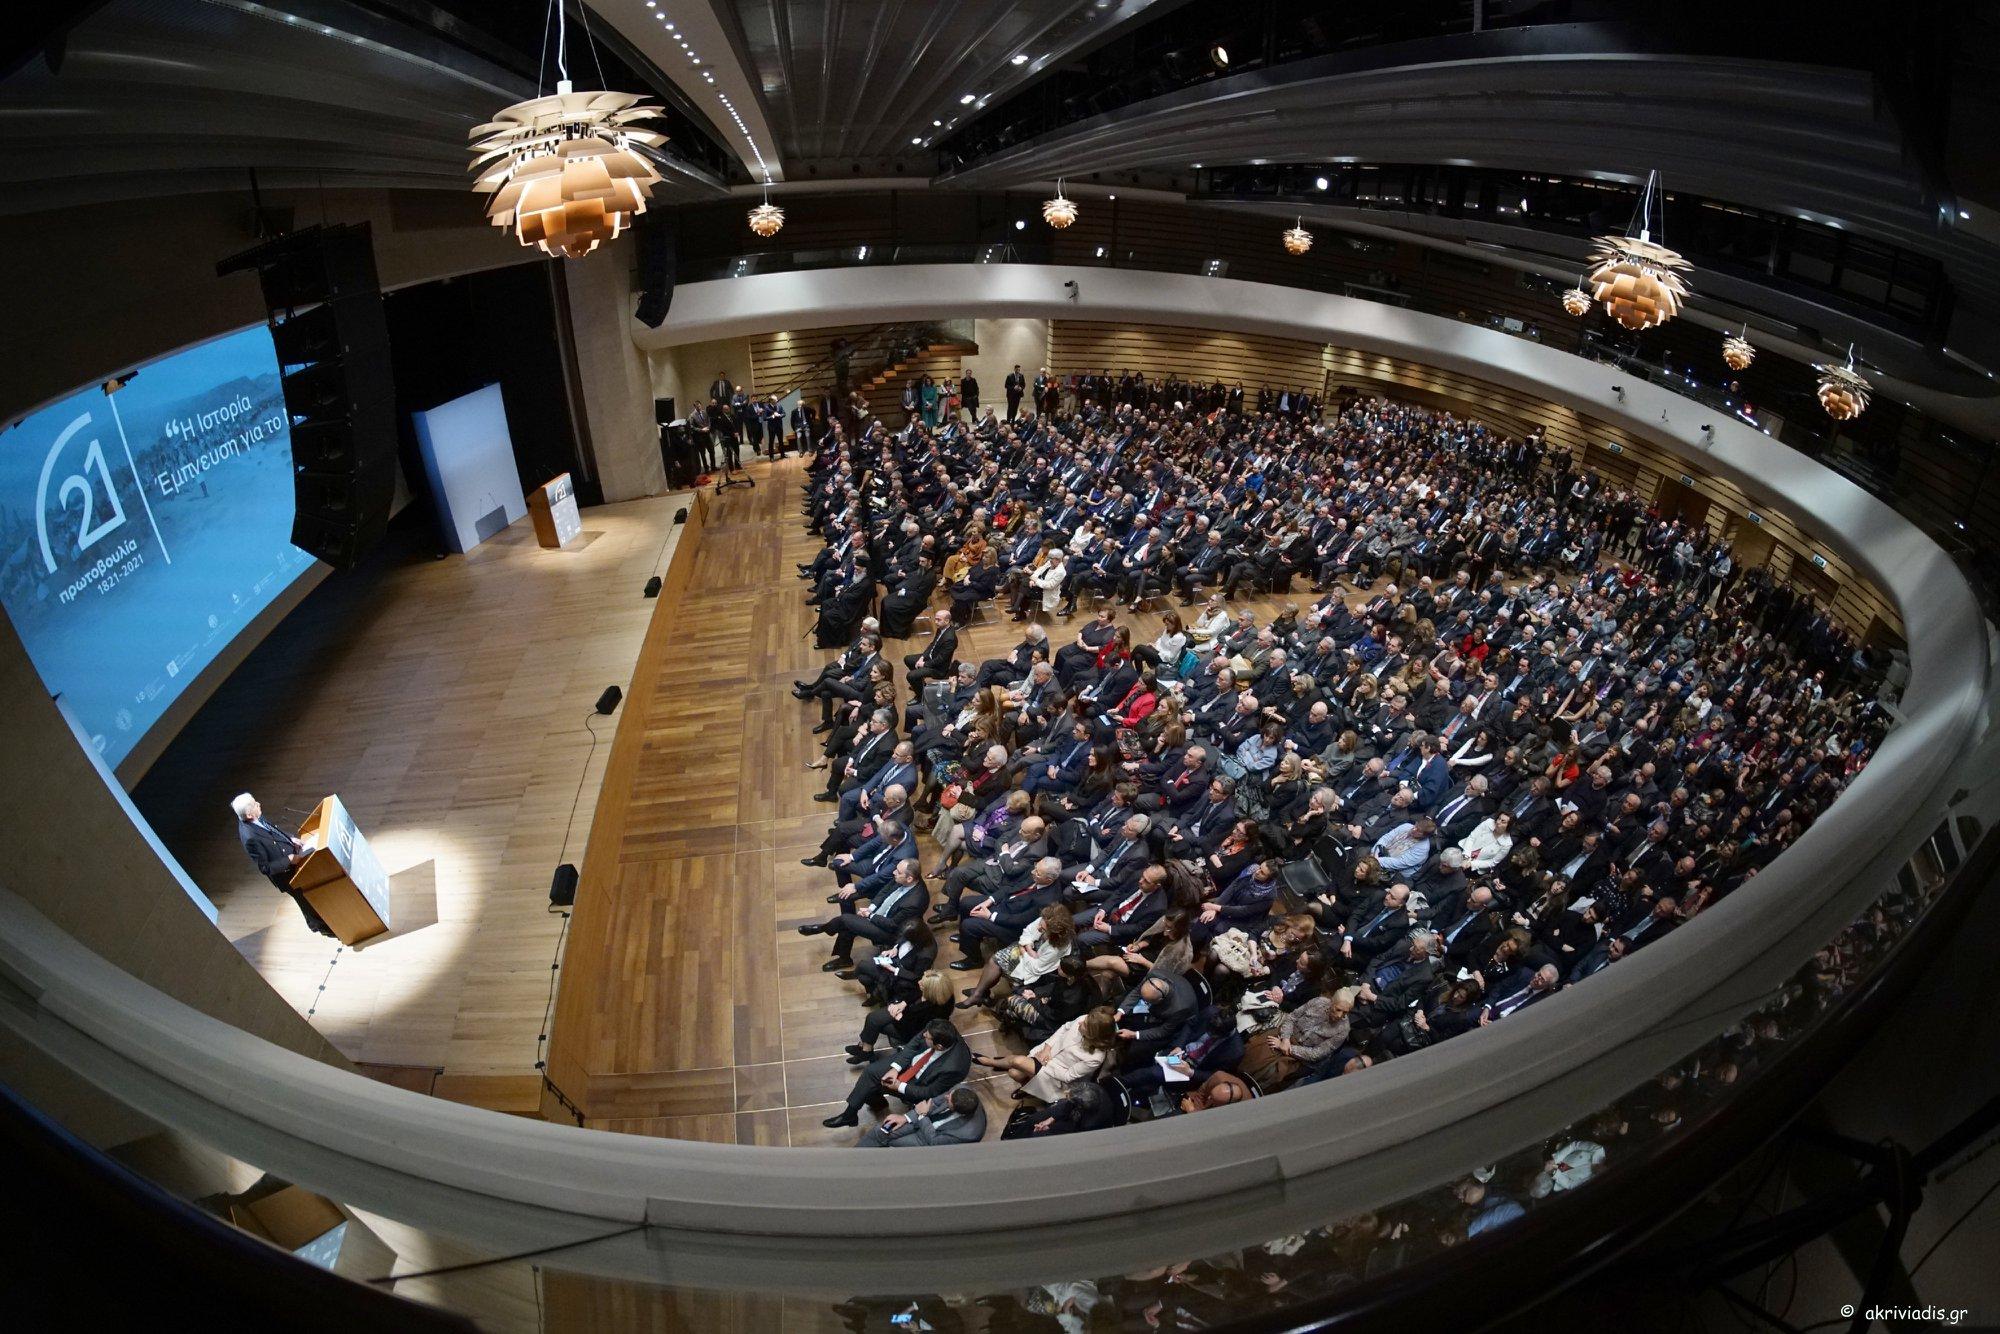 Εκδήλωση παρουσίασης του προγράμματος «Πρωτοβουλία 1821-2021»